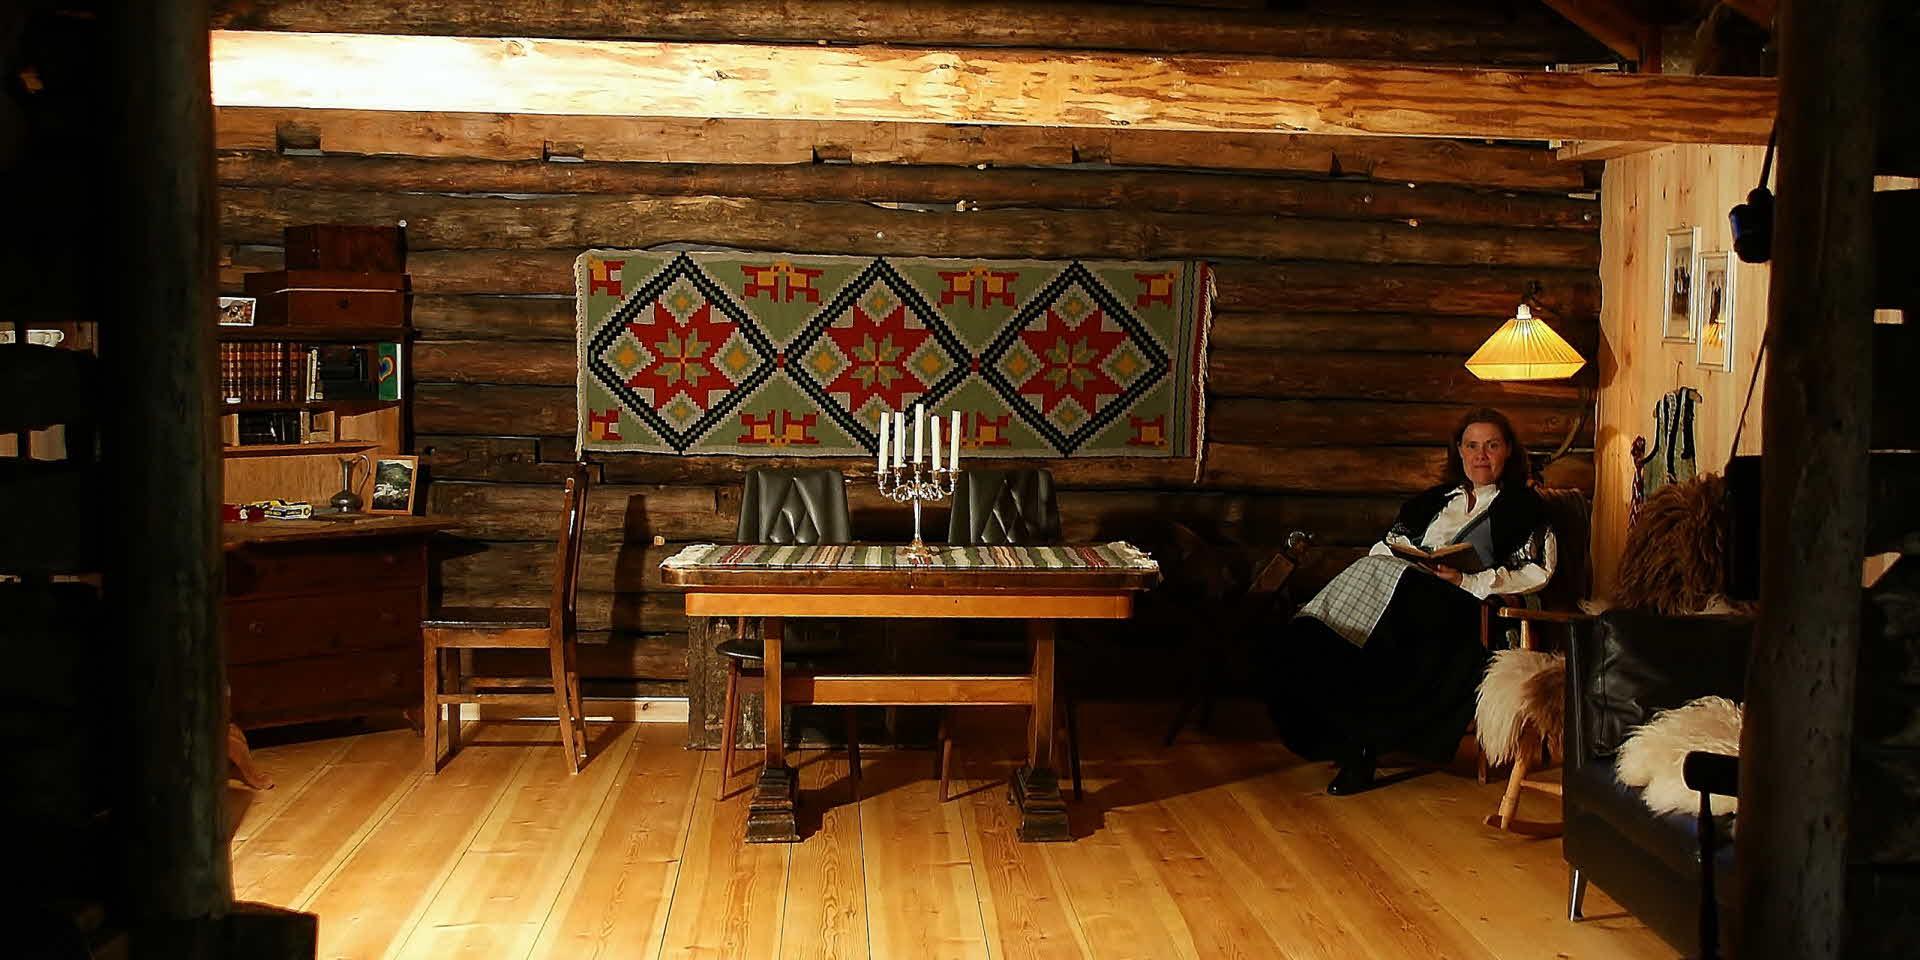 風変わりな木造の建物の中でアンティーク家具と壁にかかった大きな織絨毯に囲まれ、民族衣装のいでたちで座っている農場の女性。